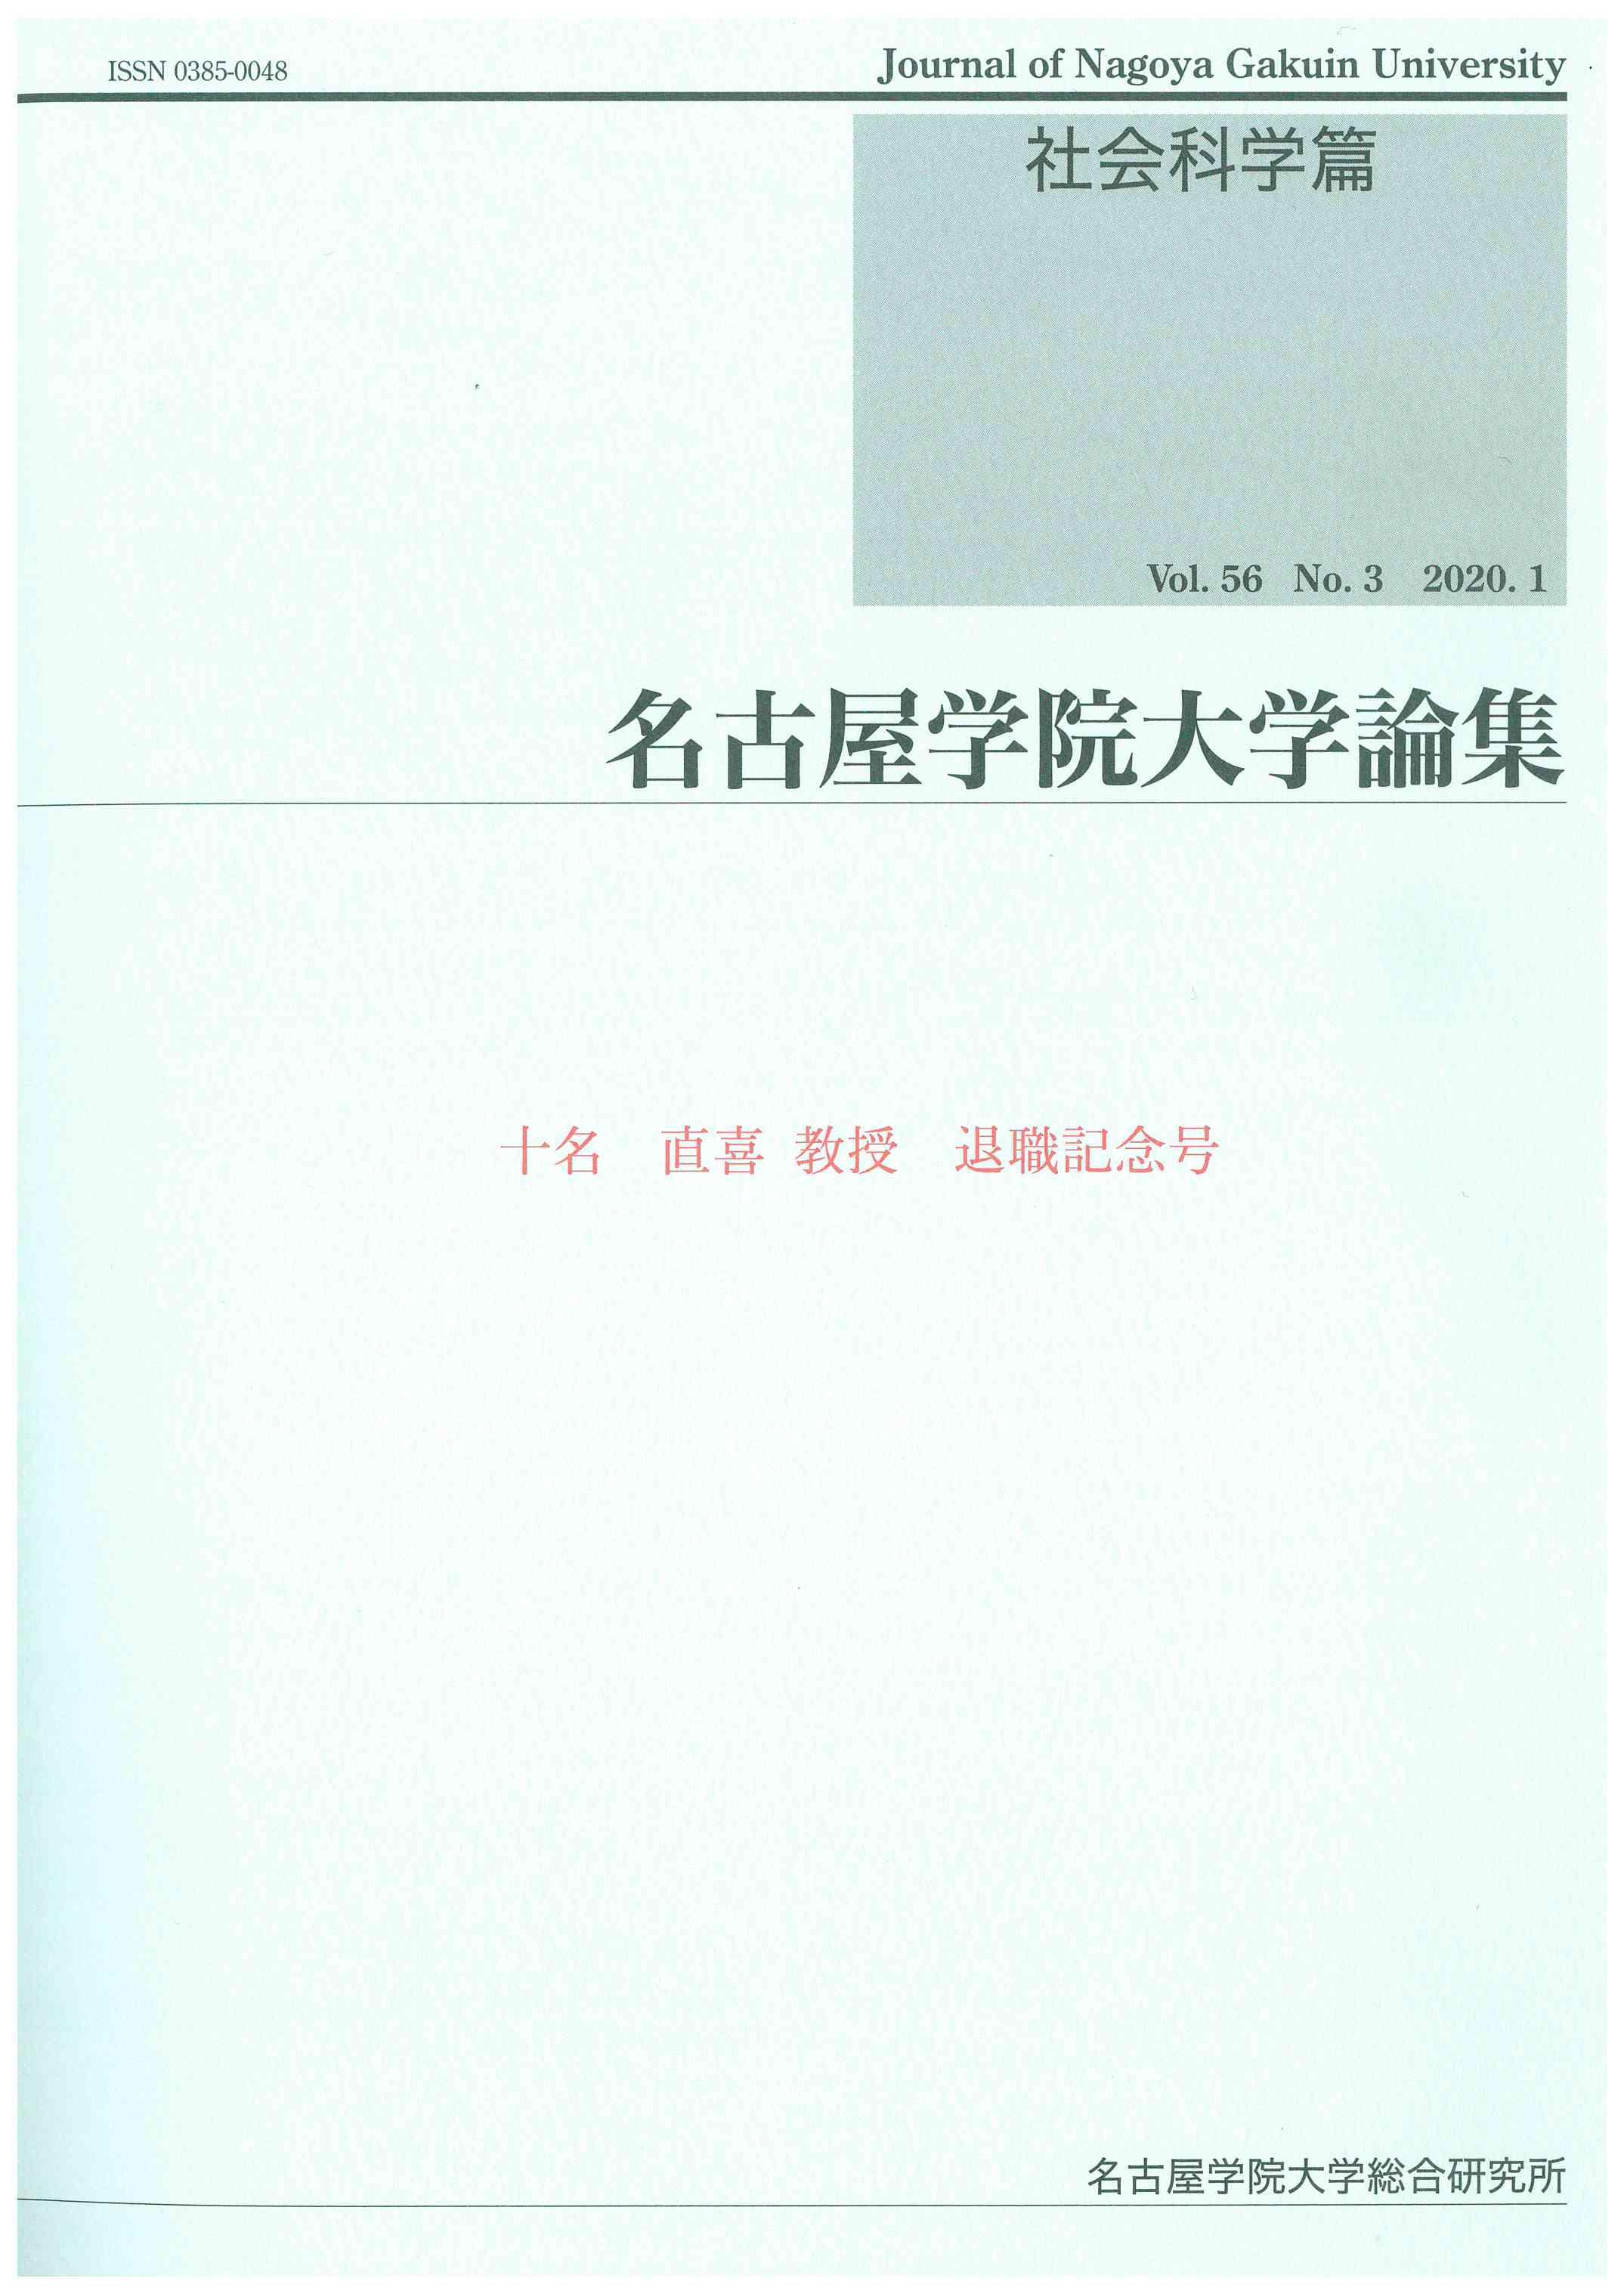 syakai56-3.jpg